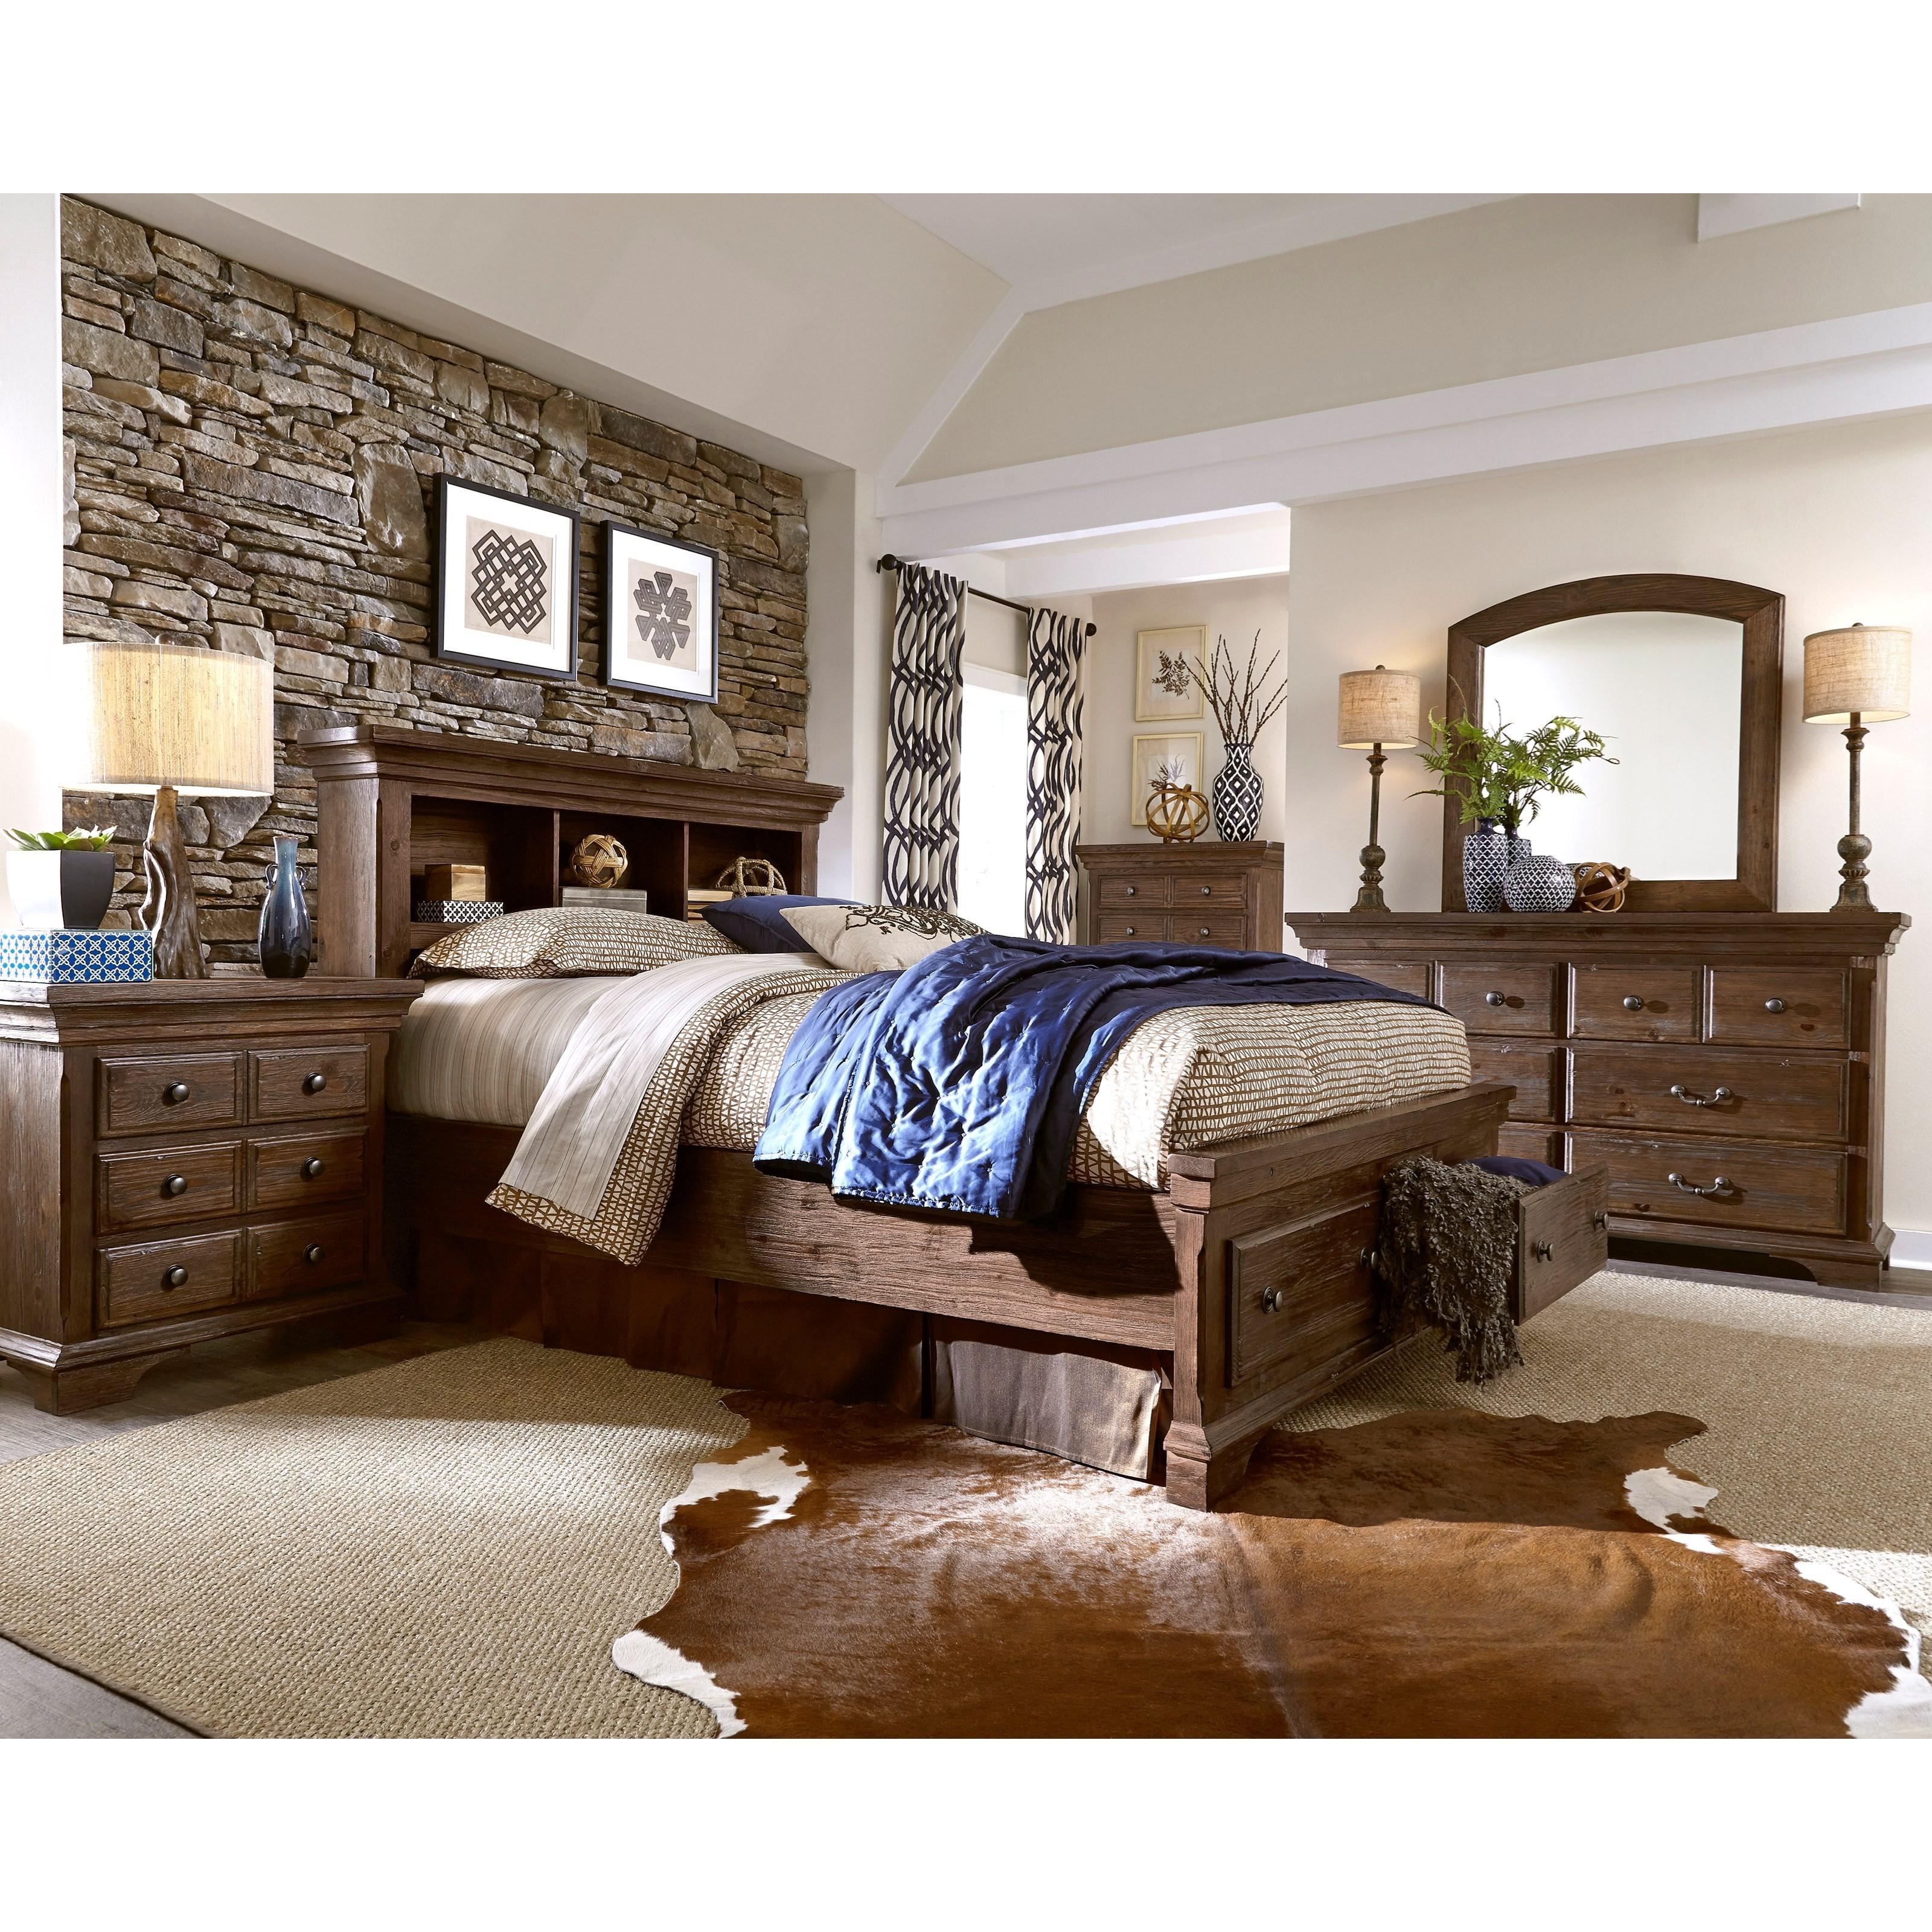 Progressive Furniture Copenhagen Queen Bedroom Group - Item Number: B621 Q Bedroom Group 4